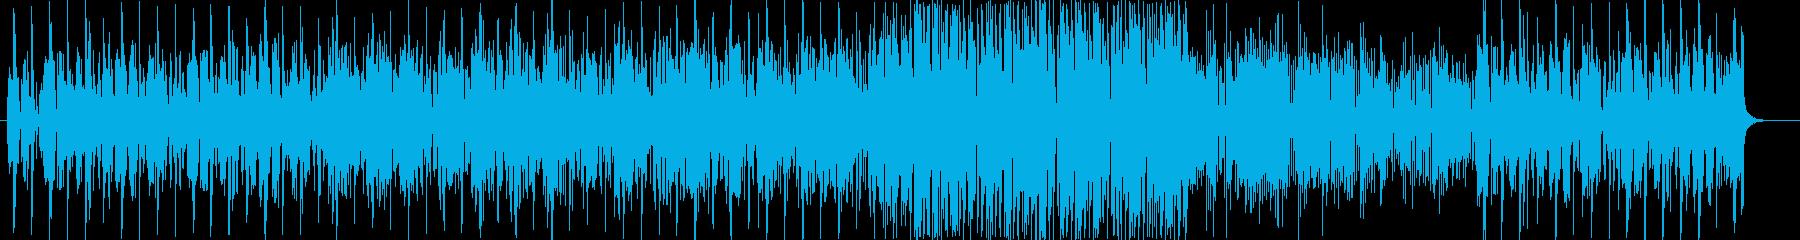 レゲエ風なラブソングの再生済みの波形